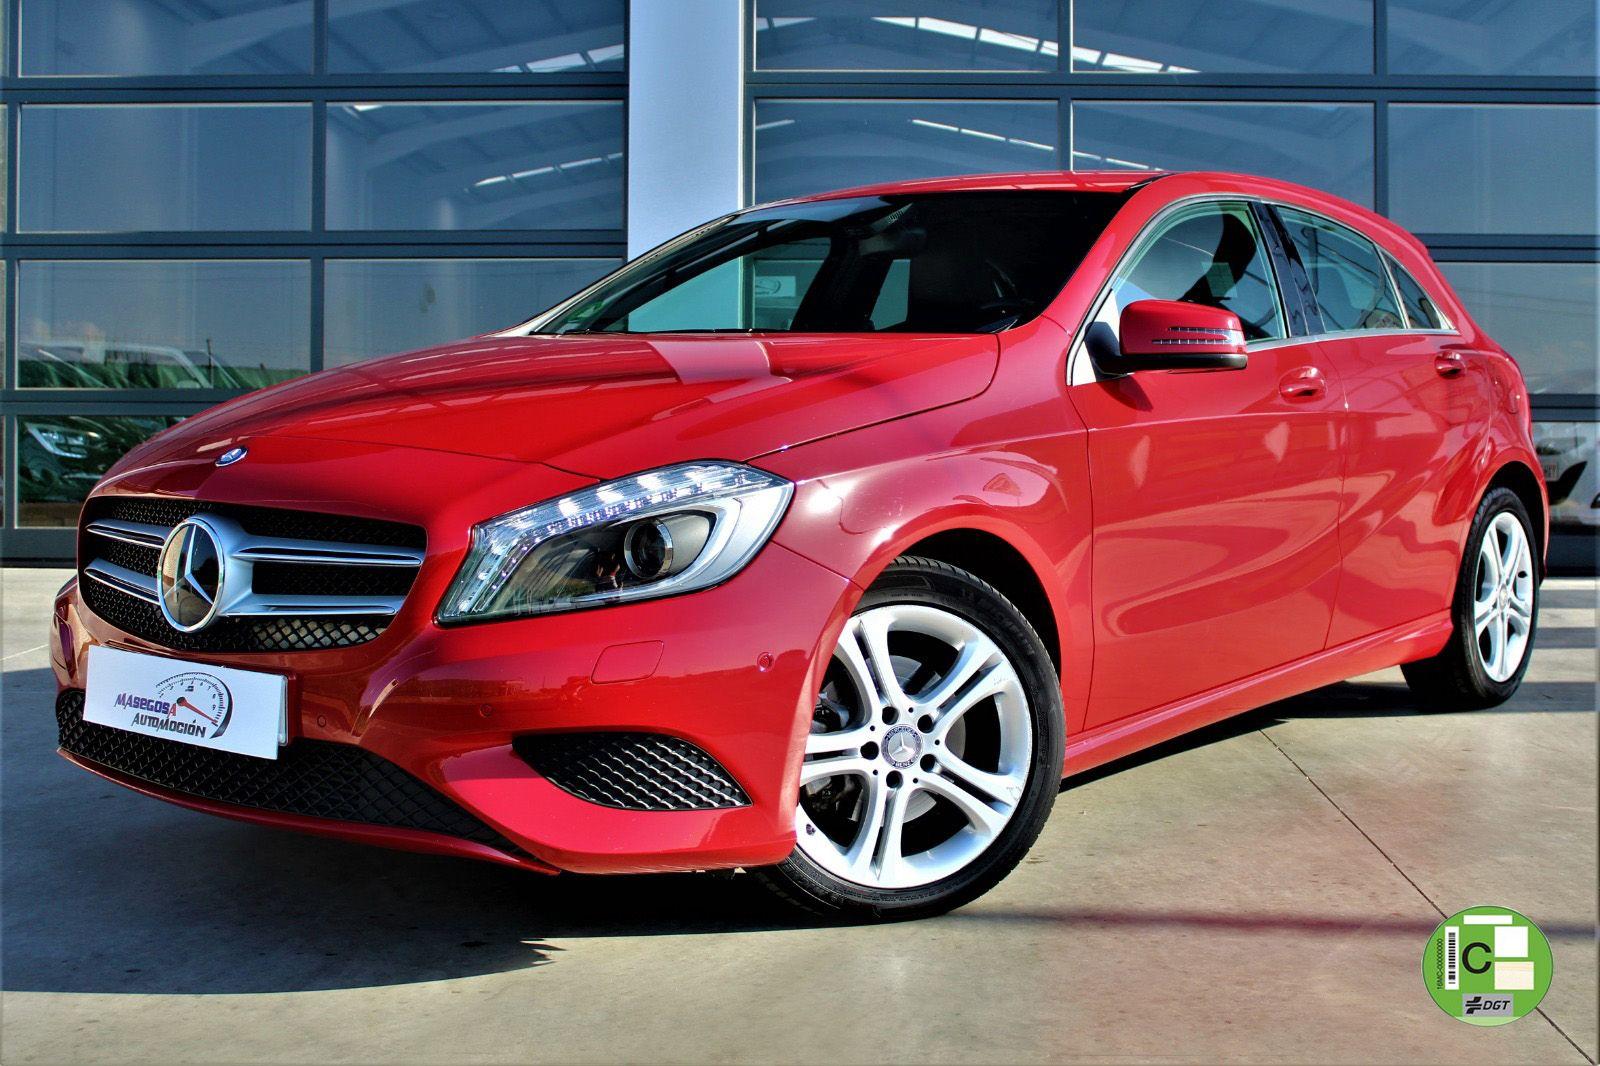 Me Faltan Días Para Tantas Alegrías Mercedes Benz Clase A 220 Cdi Blueefficiency 7g Dct Style 17 Mercedes Benz Clase A Automocion Mercedes Benz